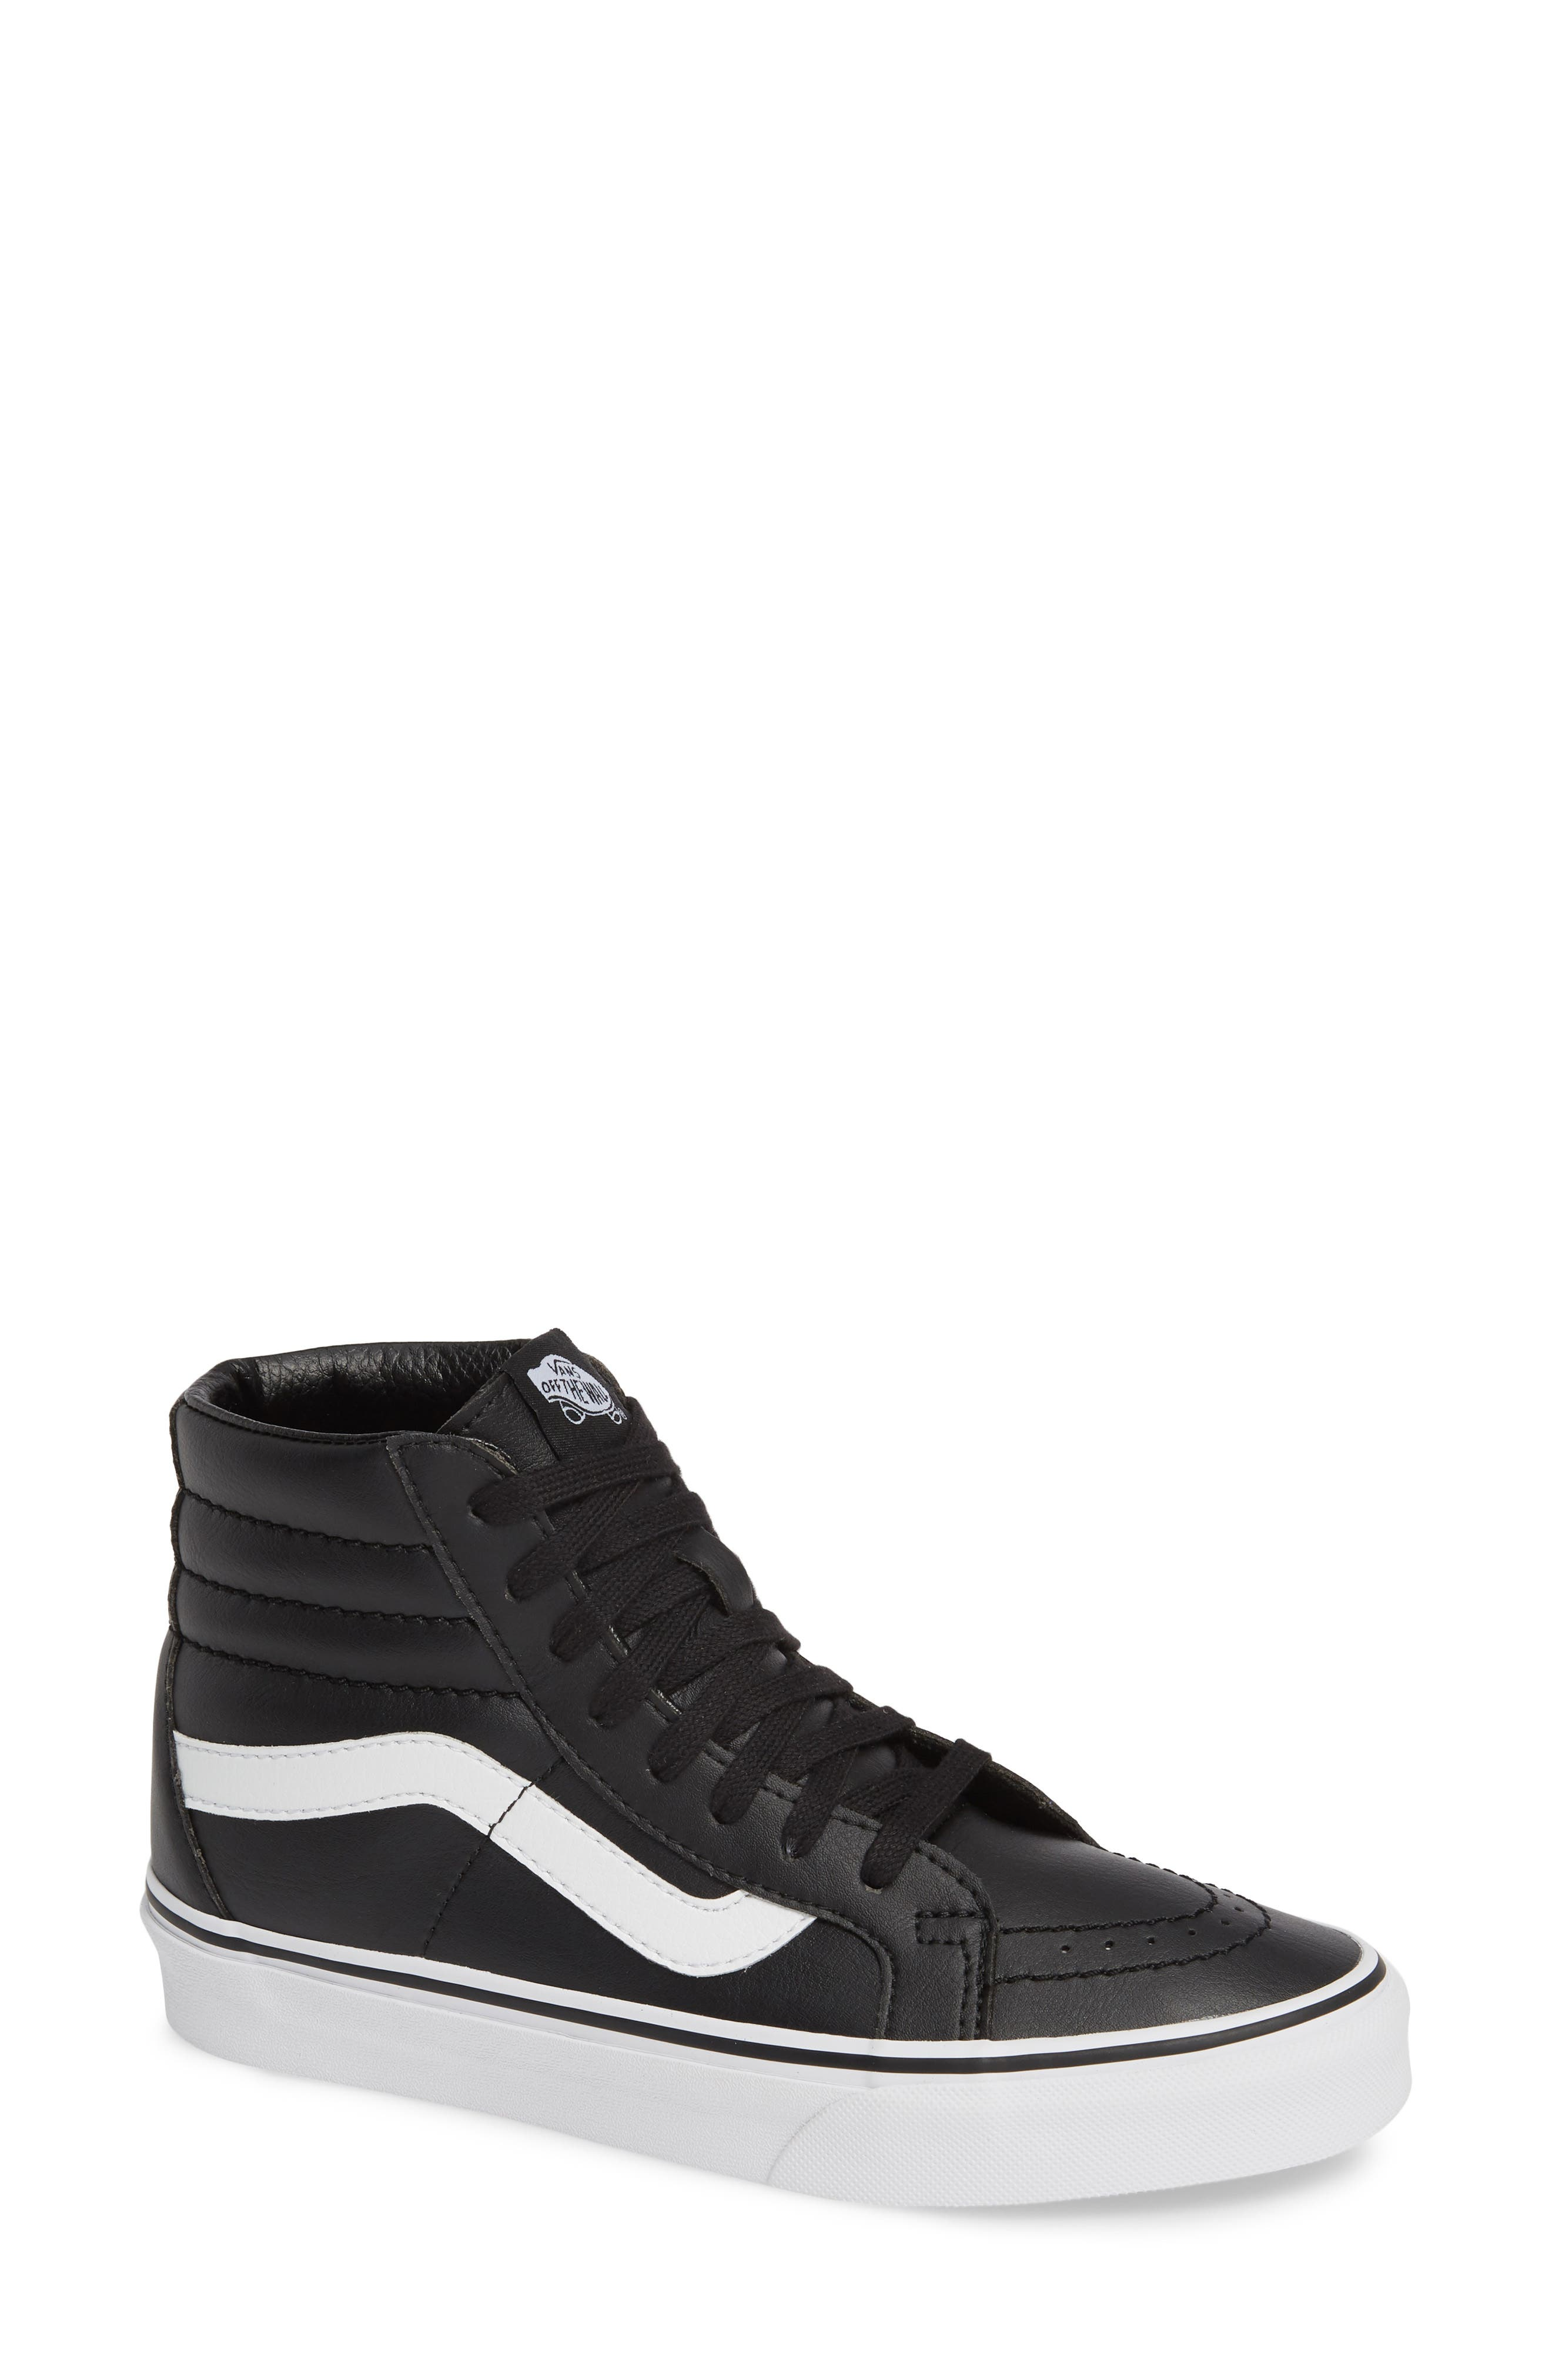 VANS,                             'Sk8-Hi Reissue' Sneaker,                             Main thumbnail 1, color,                             BLACK/ TRUE WHITE